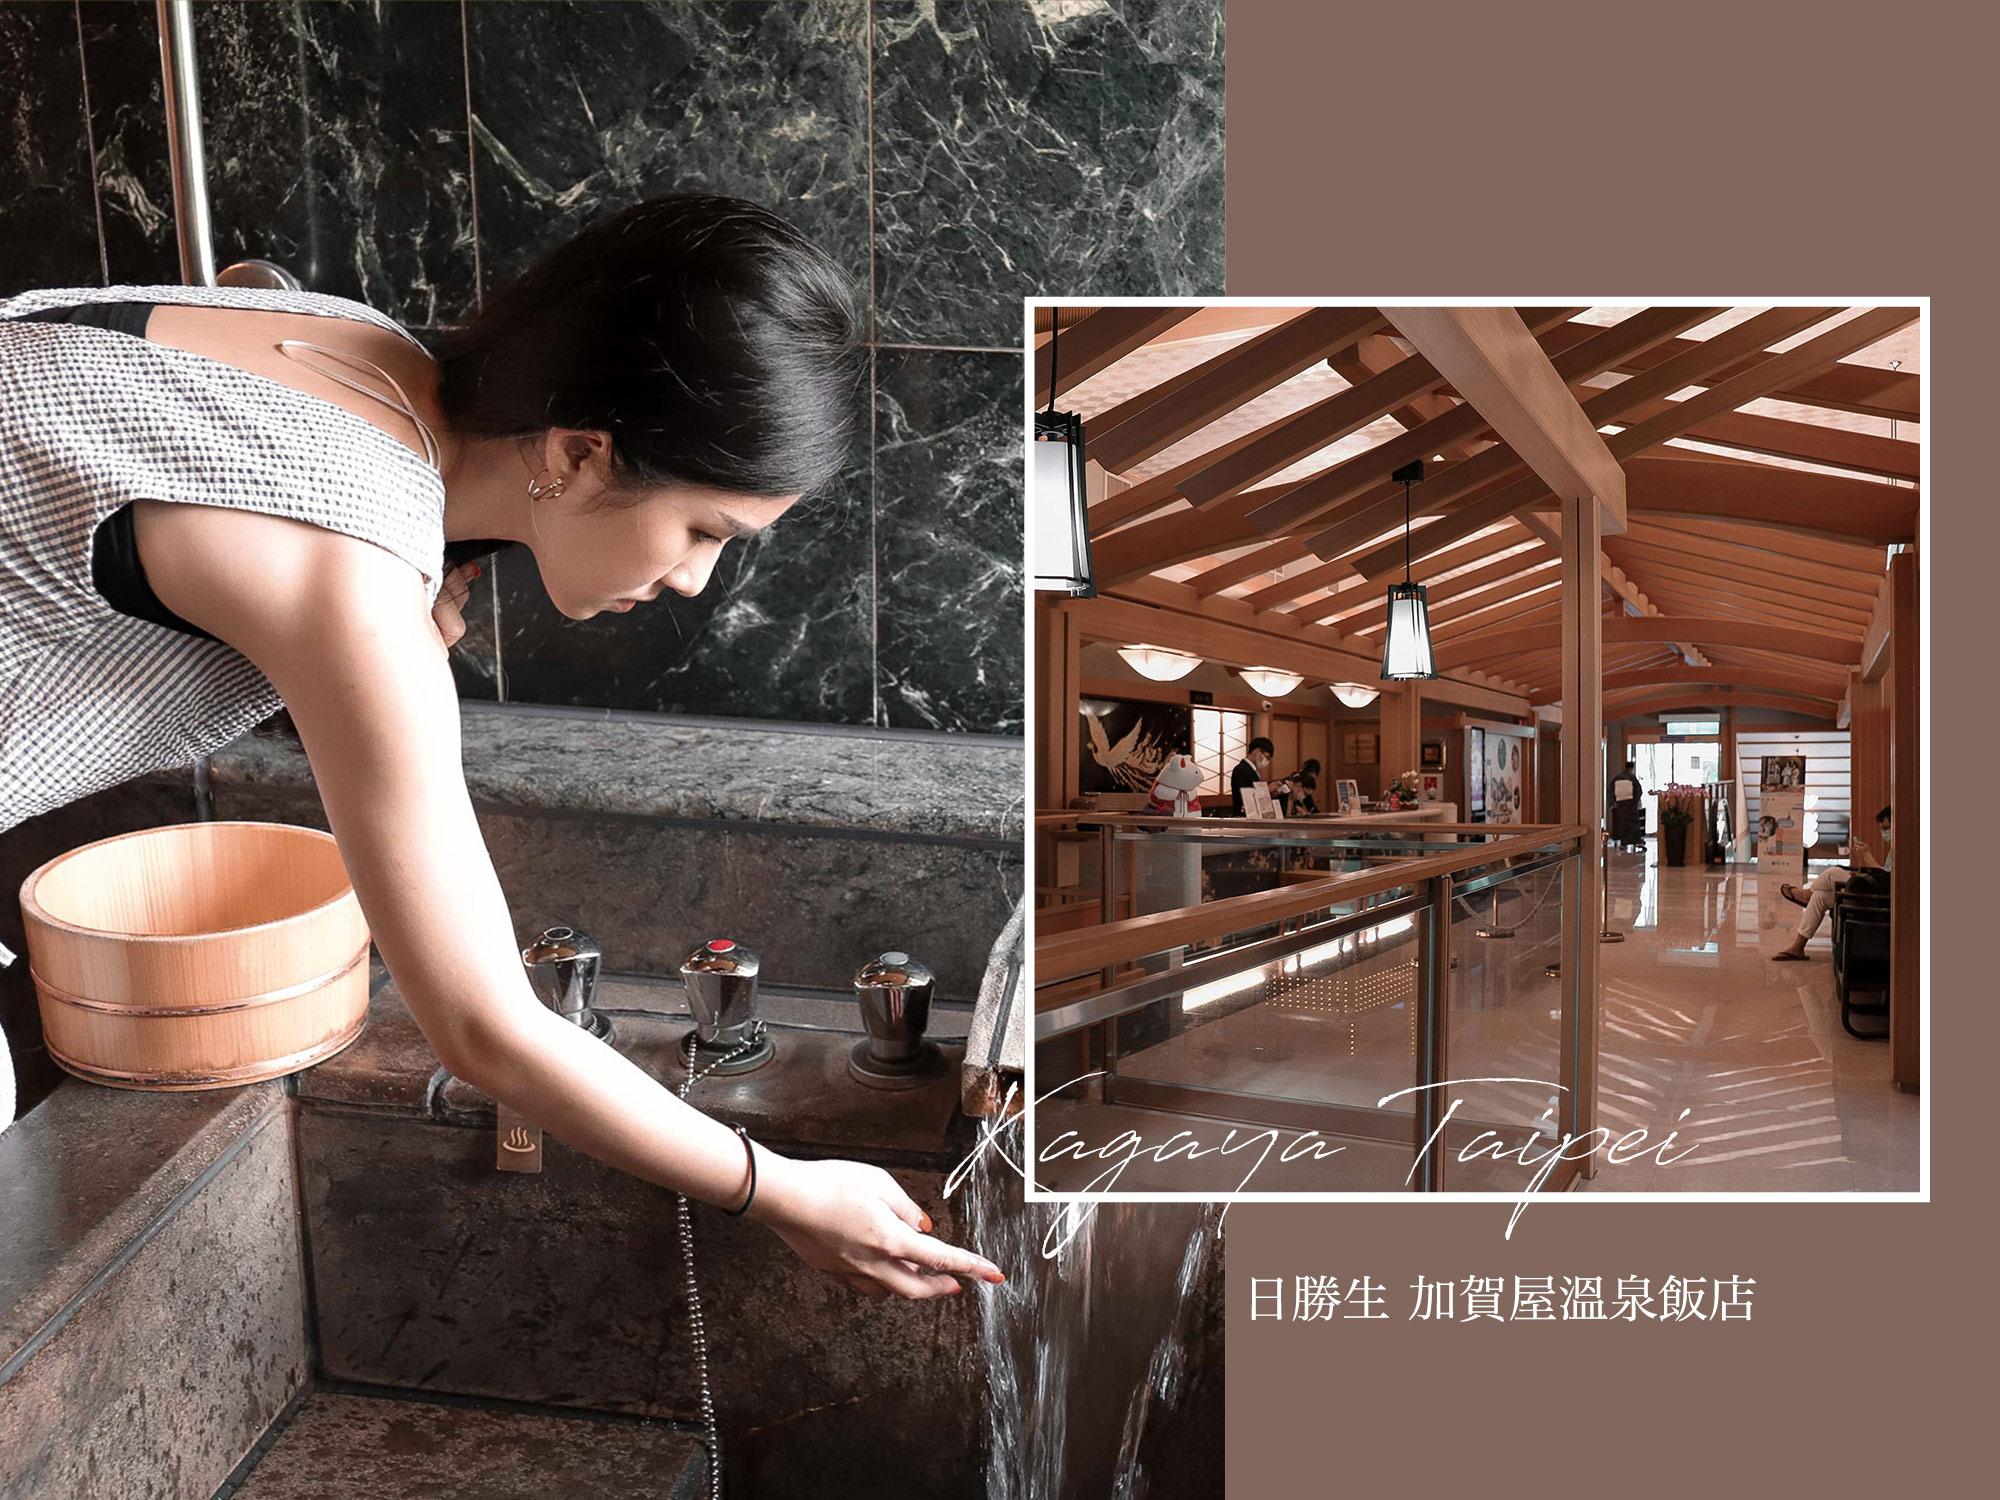 北投日勝生加賀屋湯屋、下午茶|瞬移到日本,沿襲日本數寄屋裝潢,白磺泉美人湯暖身好舒服!